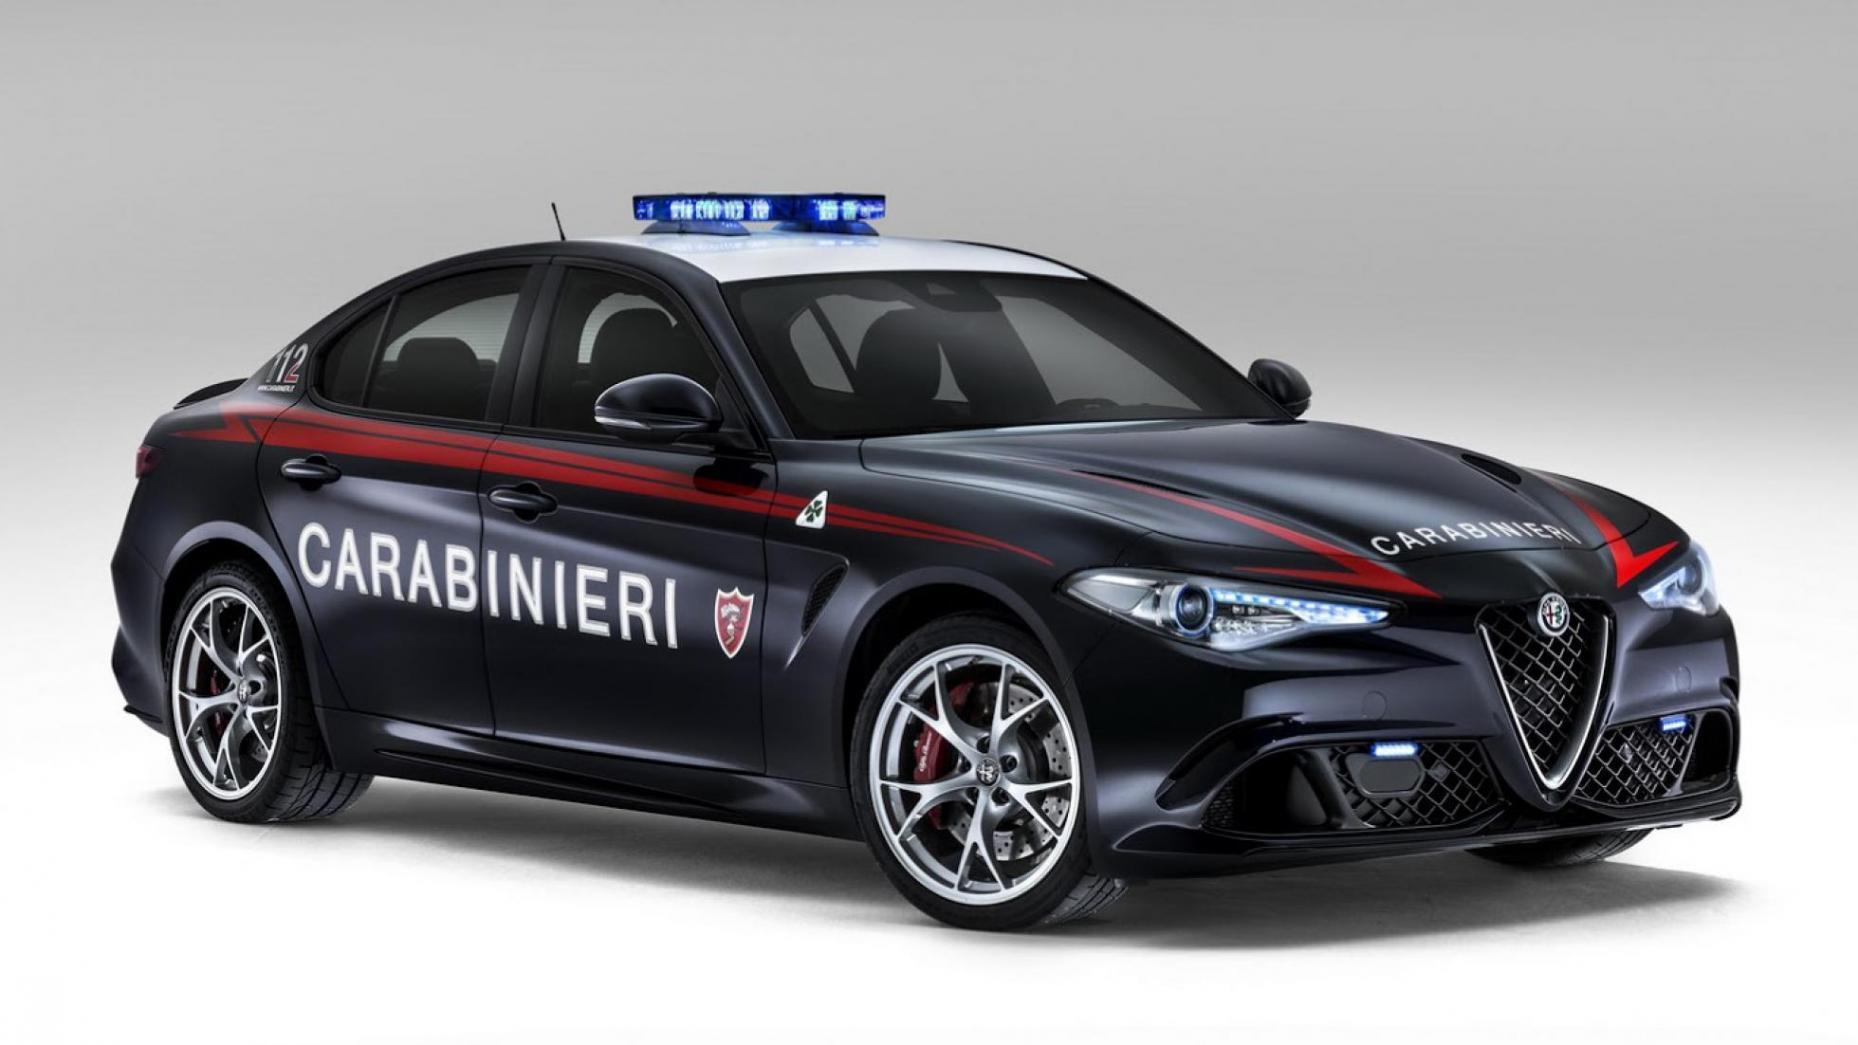 """""""ألفا روميو جوليا"""" سيارة الجهاز الشرطة الإيطالية (top gear)"""